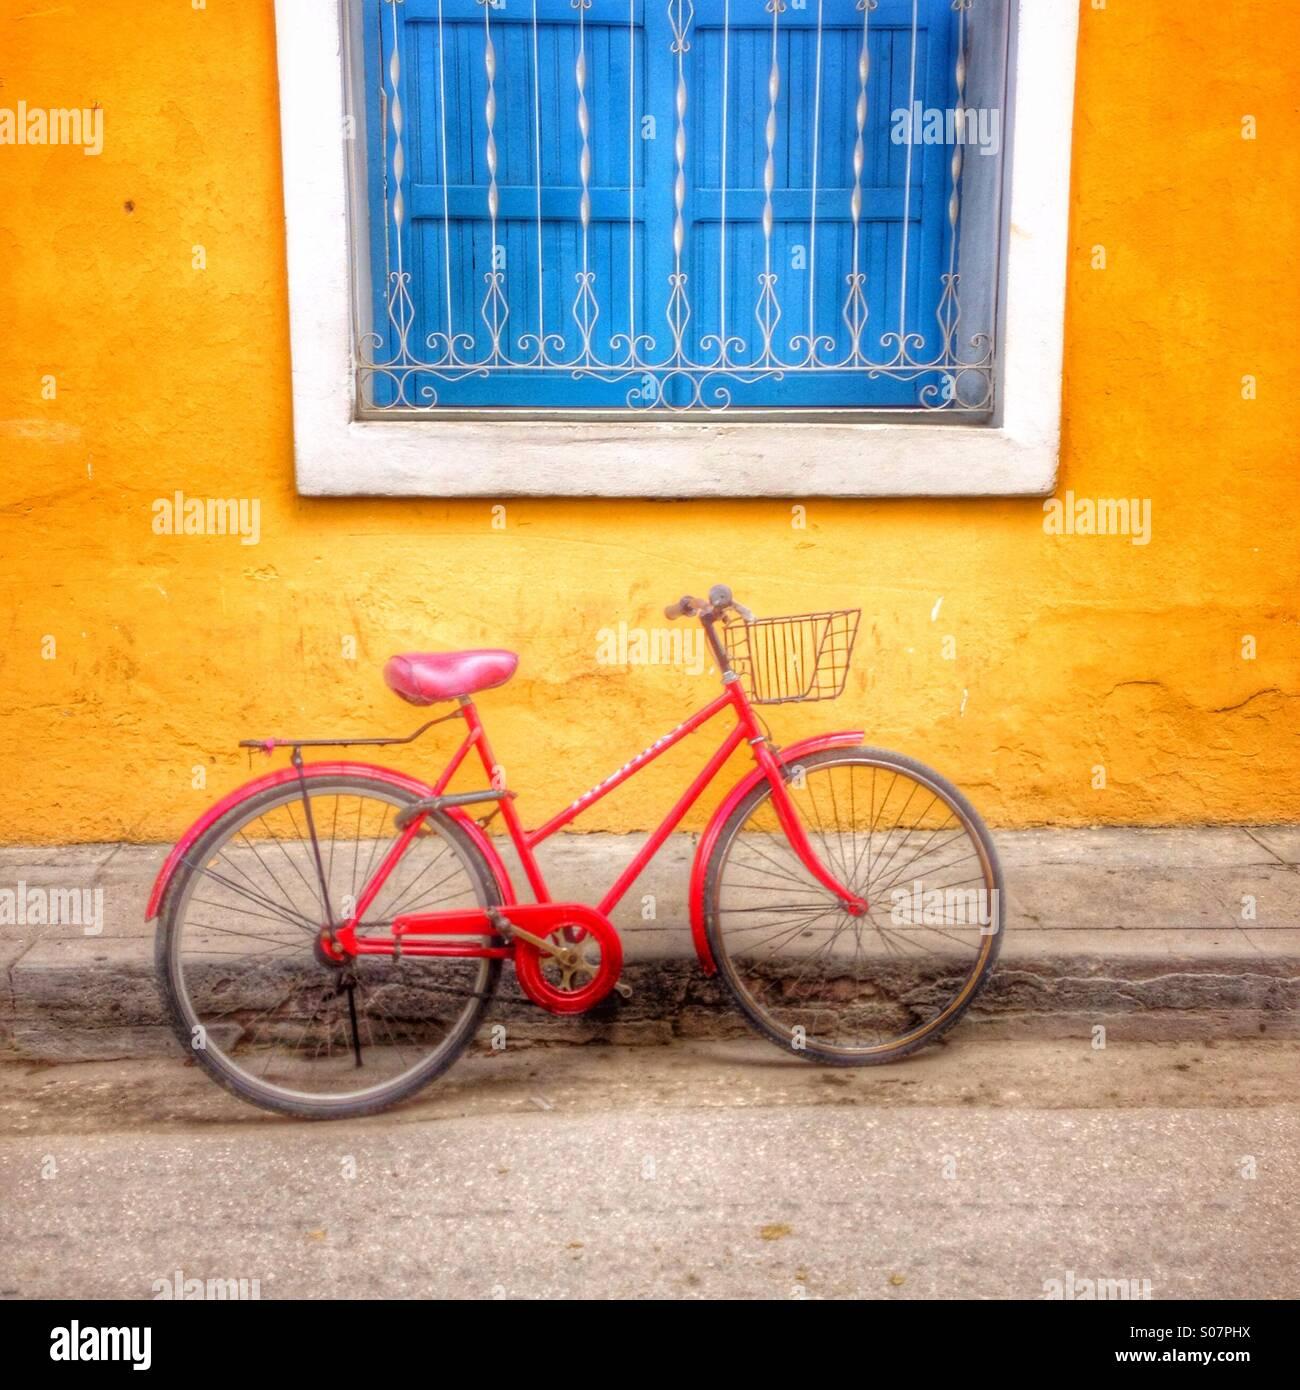 Image picturale de bicyclettes peints rouge sur mur peint jaune avec fenêtre à volets peints en bleu. Photo Stock